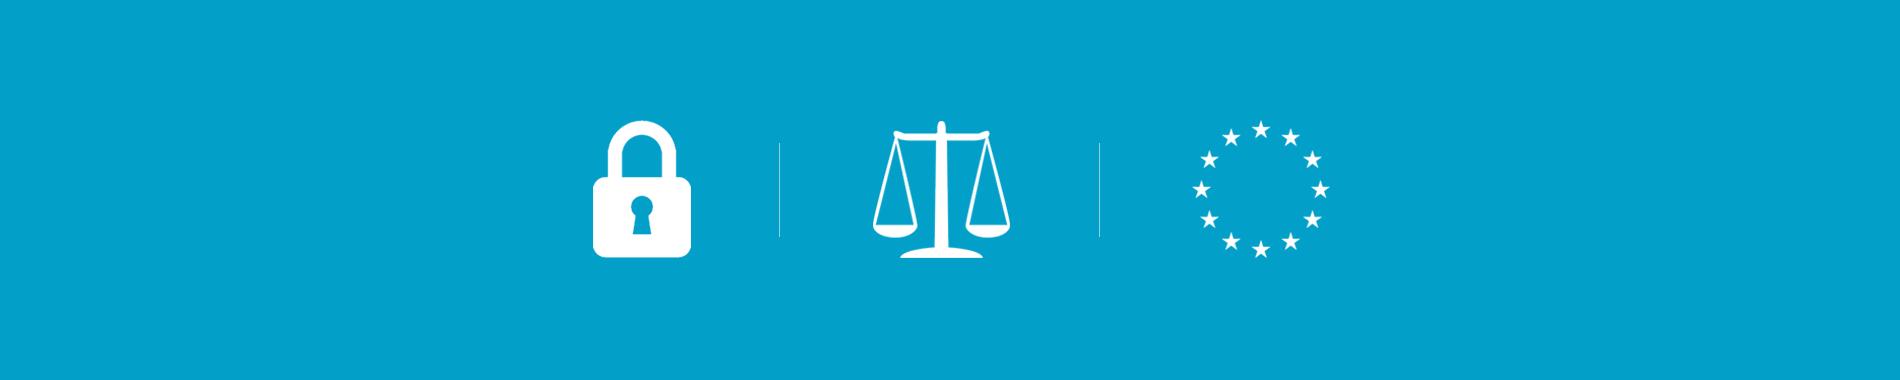 Neuer EU-Datenschutz kein Allheilmittel - Checkliste für mehr Privatsphäre